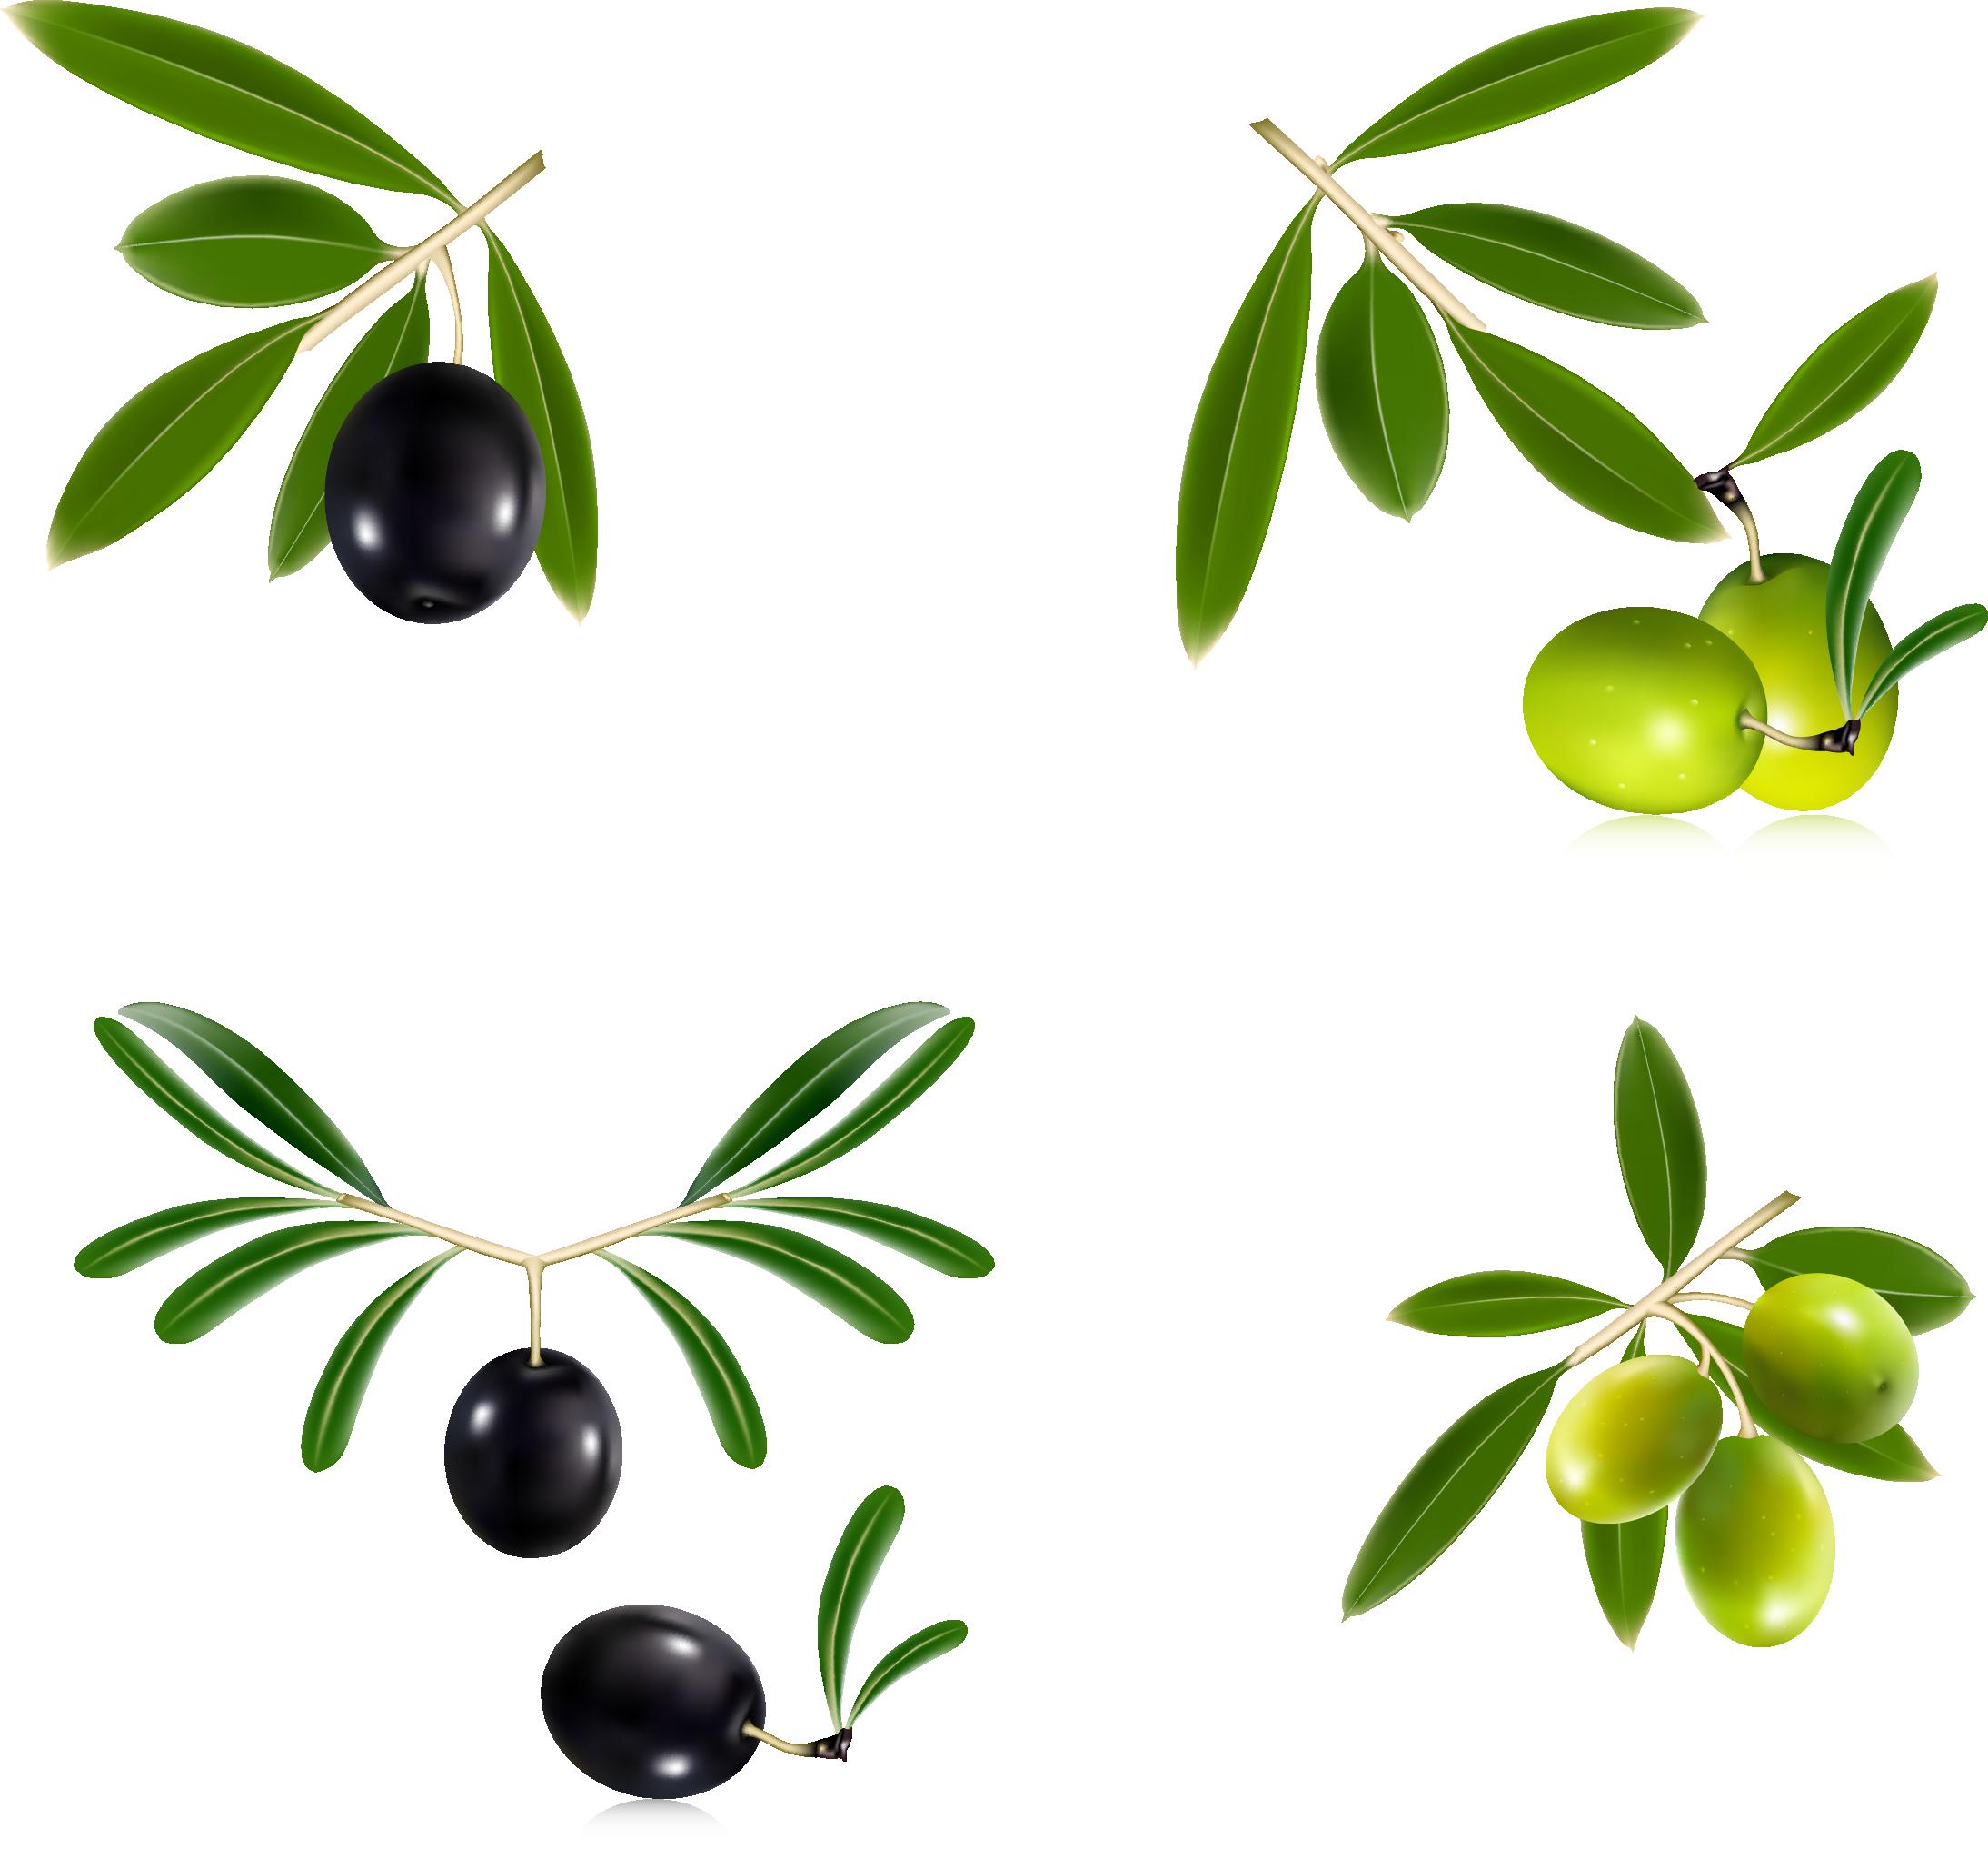 грейдера картинки маслины без фона производители спорт товаров